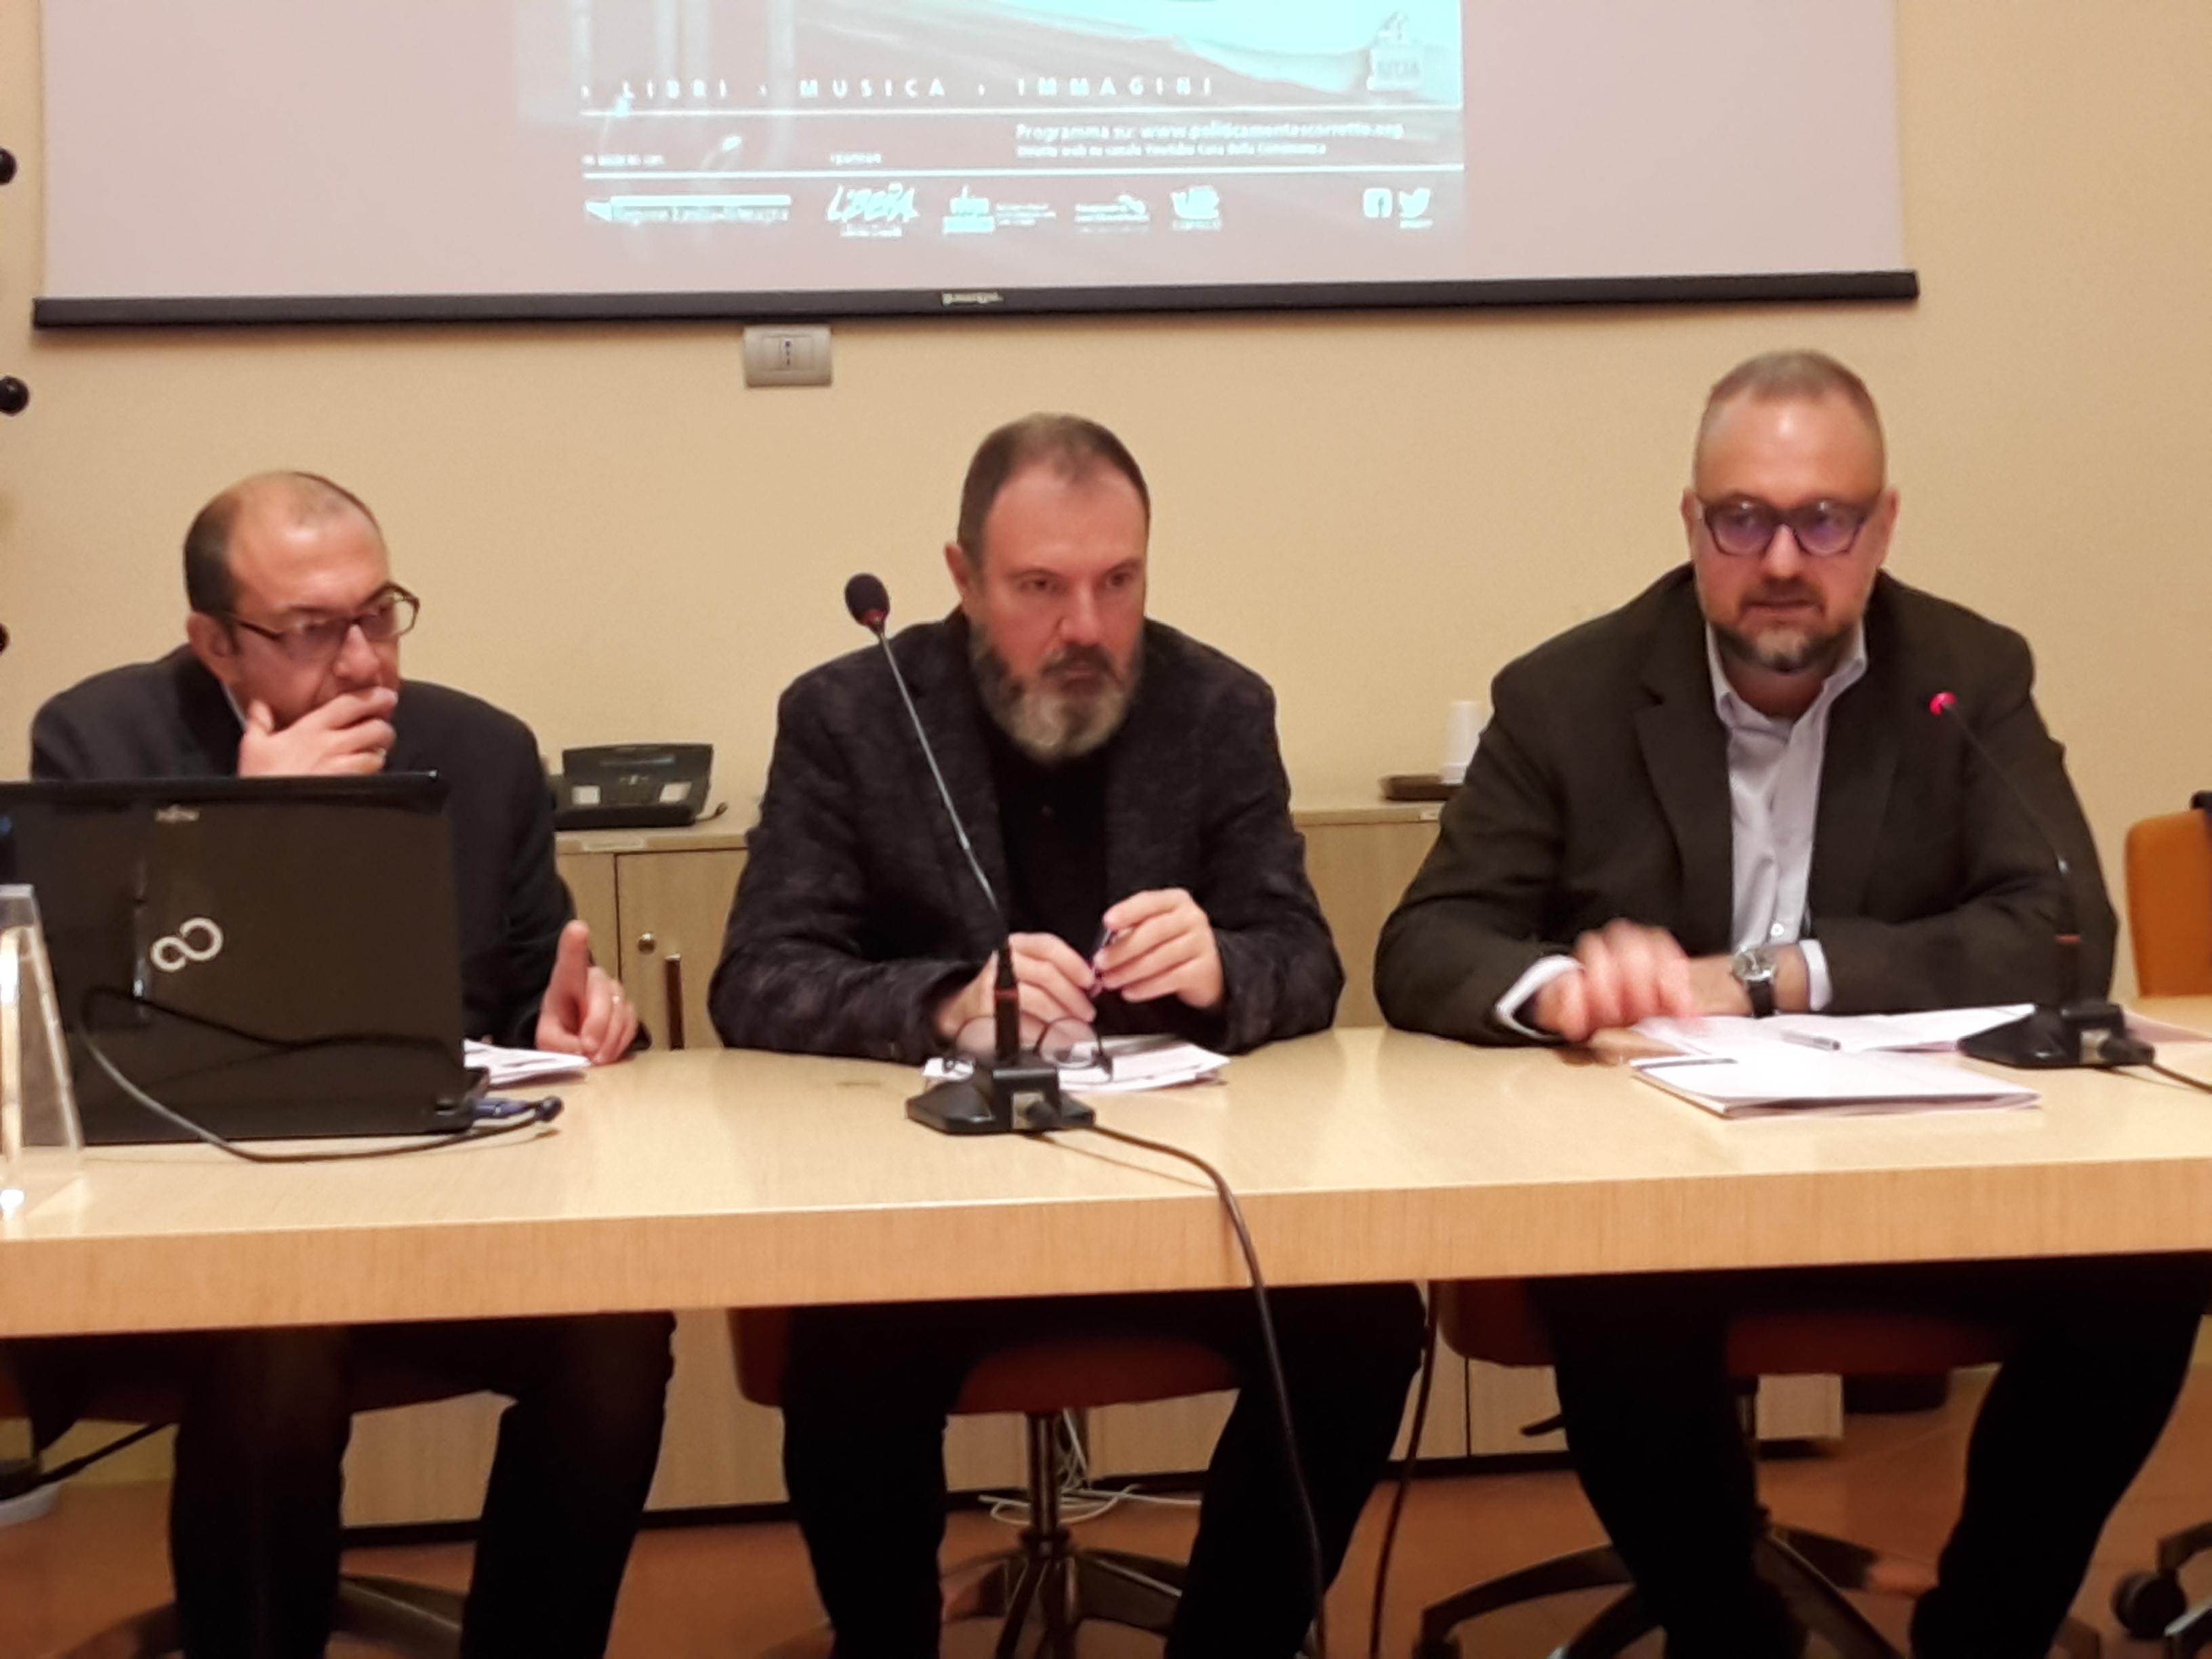 Conferenza di Carlo Lucarelli